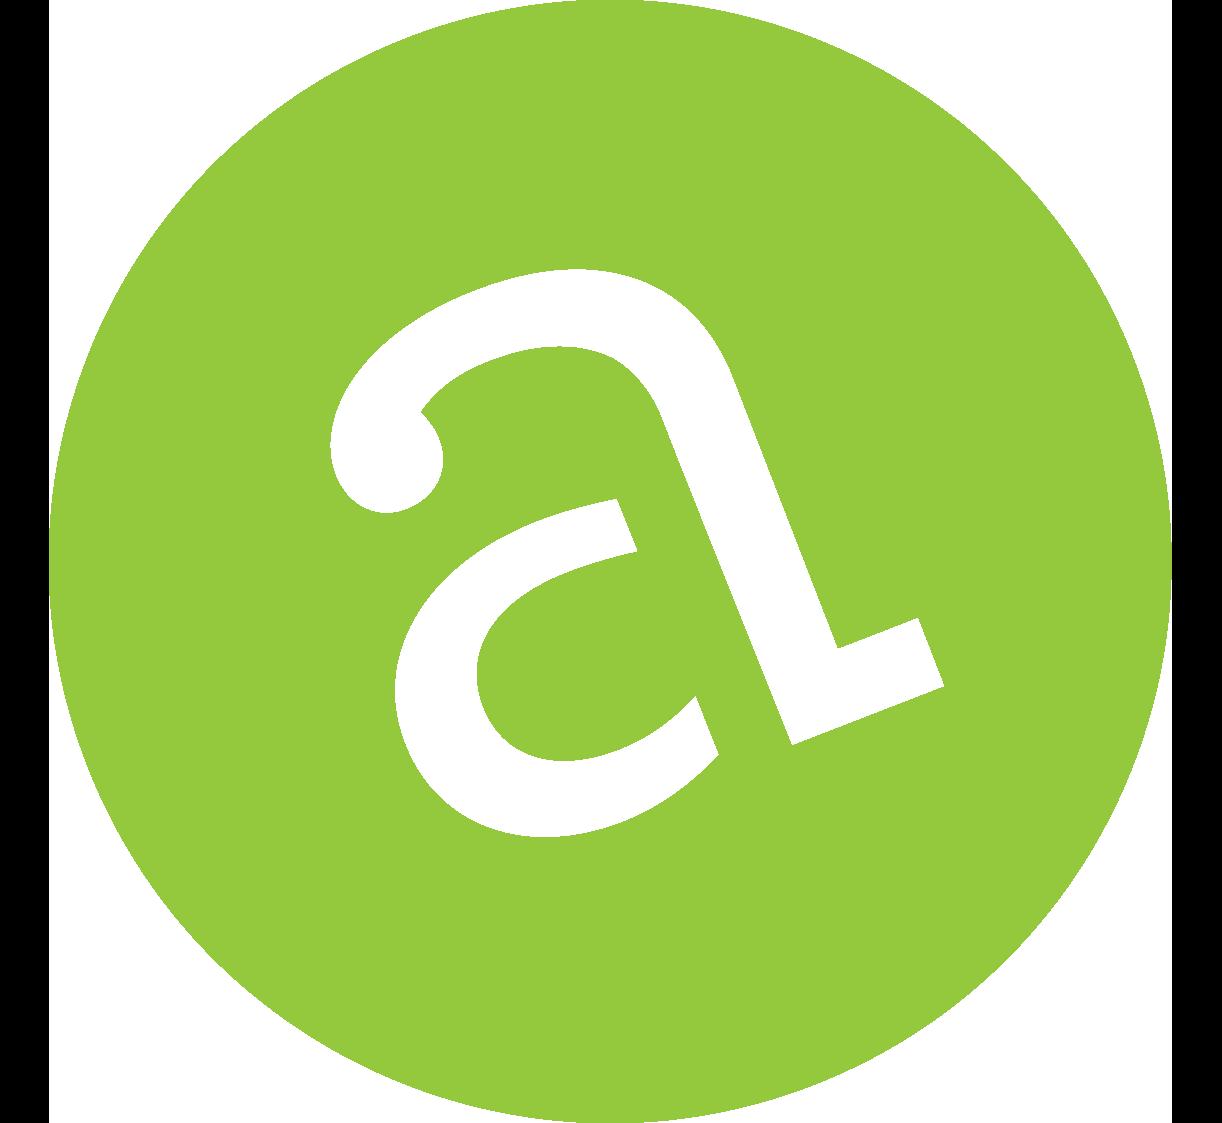 AC LOGO Transparent